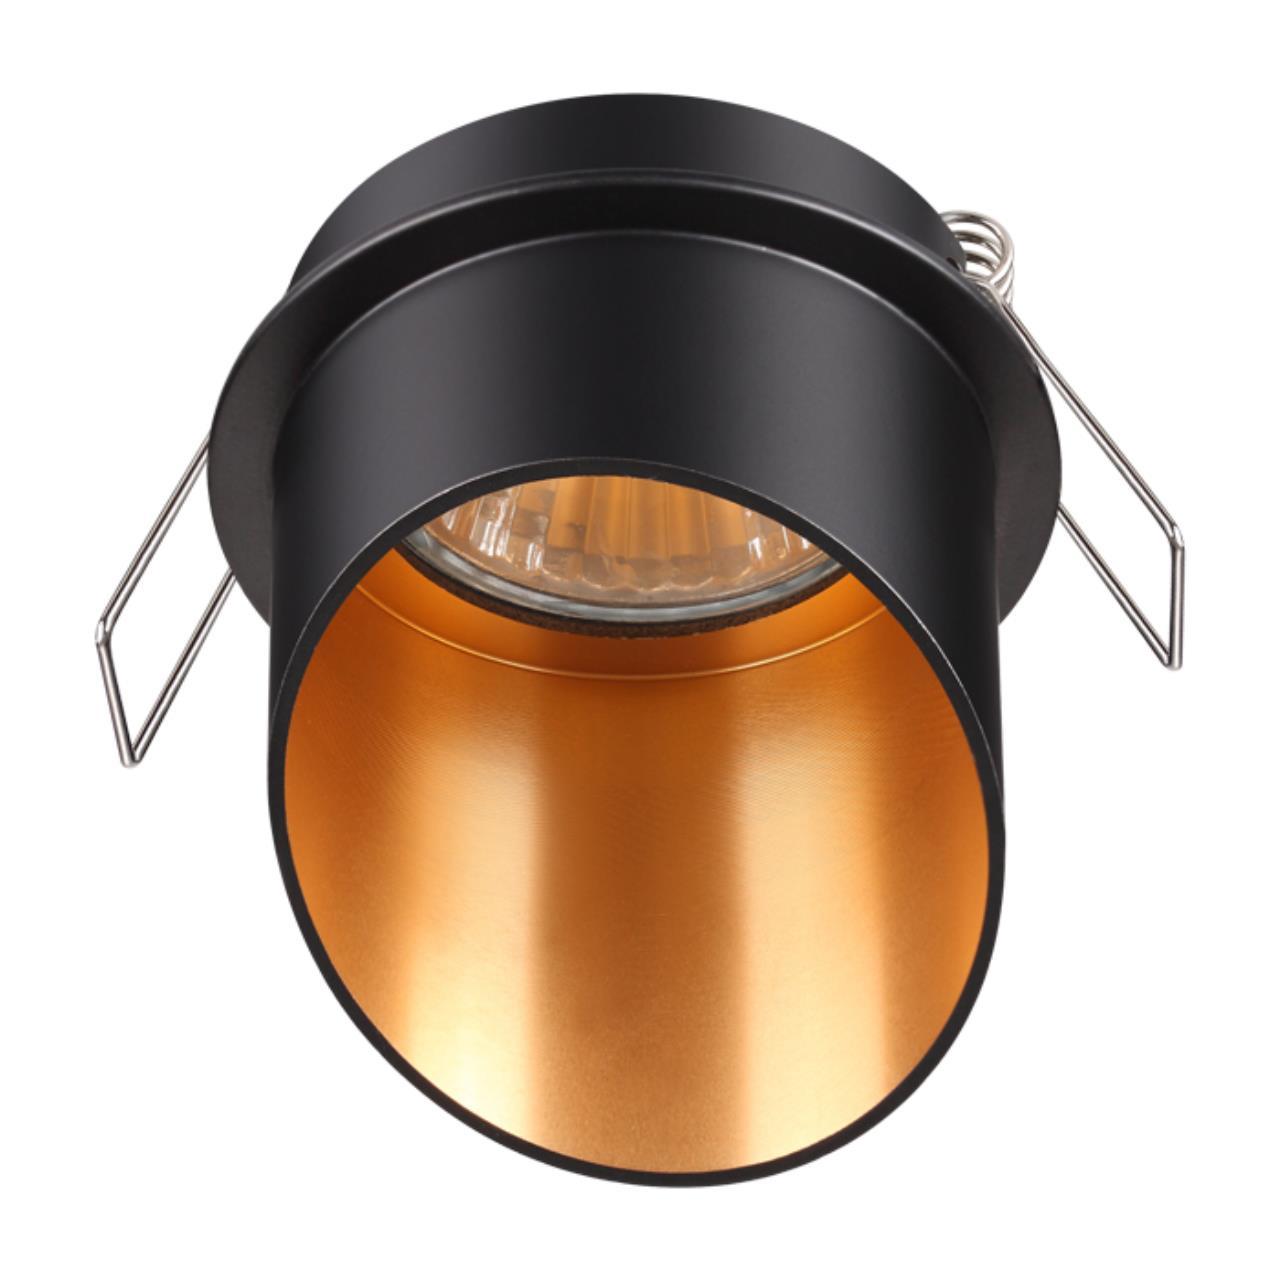 370435 SPOT NT19 130 черный Встраиваемый светильник IP20 GU10 50W 220V BUTT